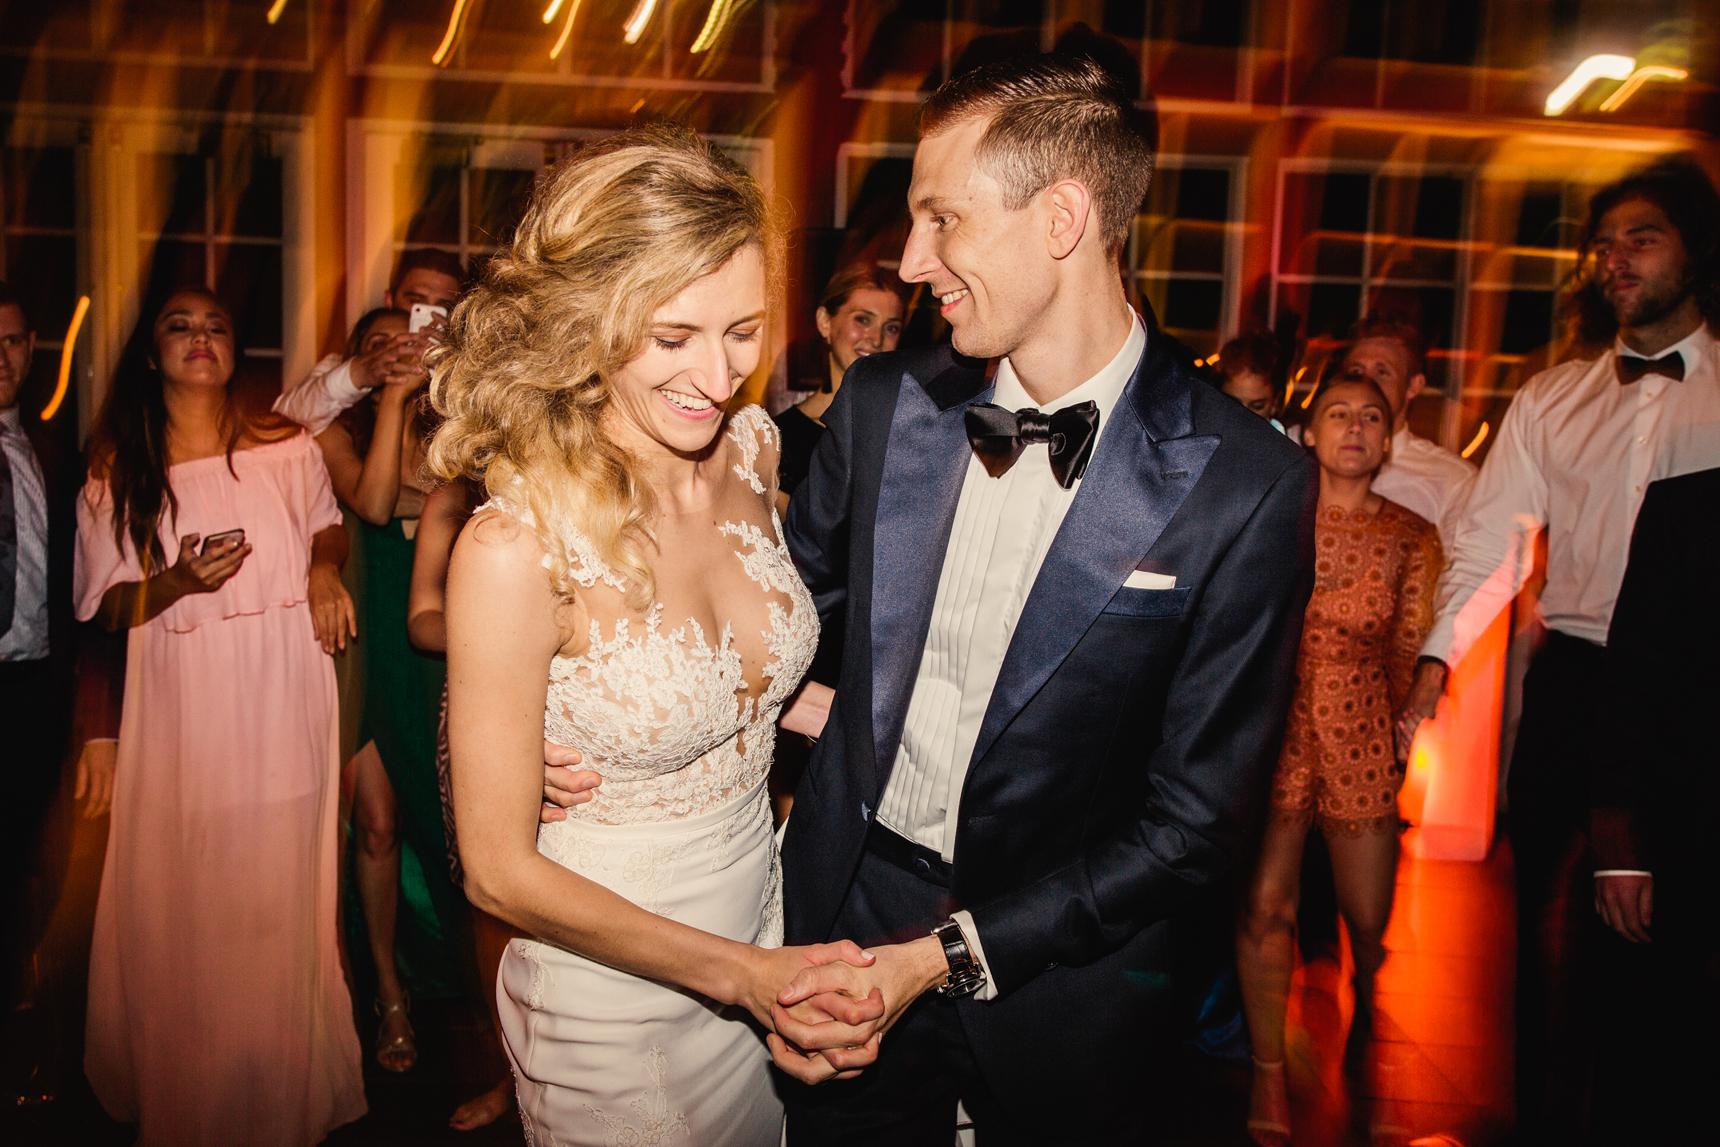 Jory_LoebBoathouse_CentralPark_NewYork_WeddingPhotographer154.jpg